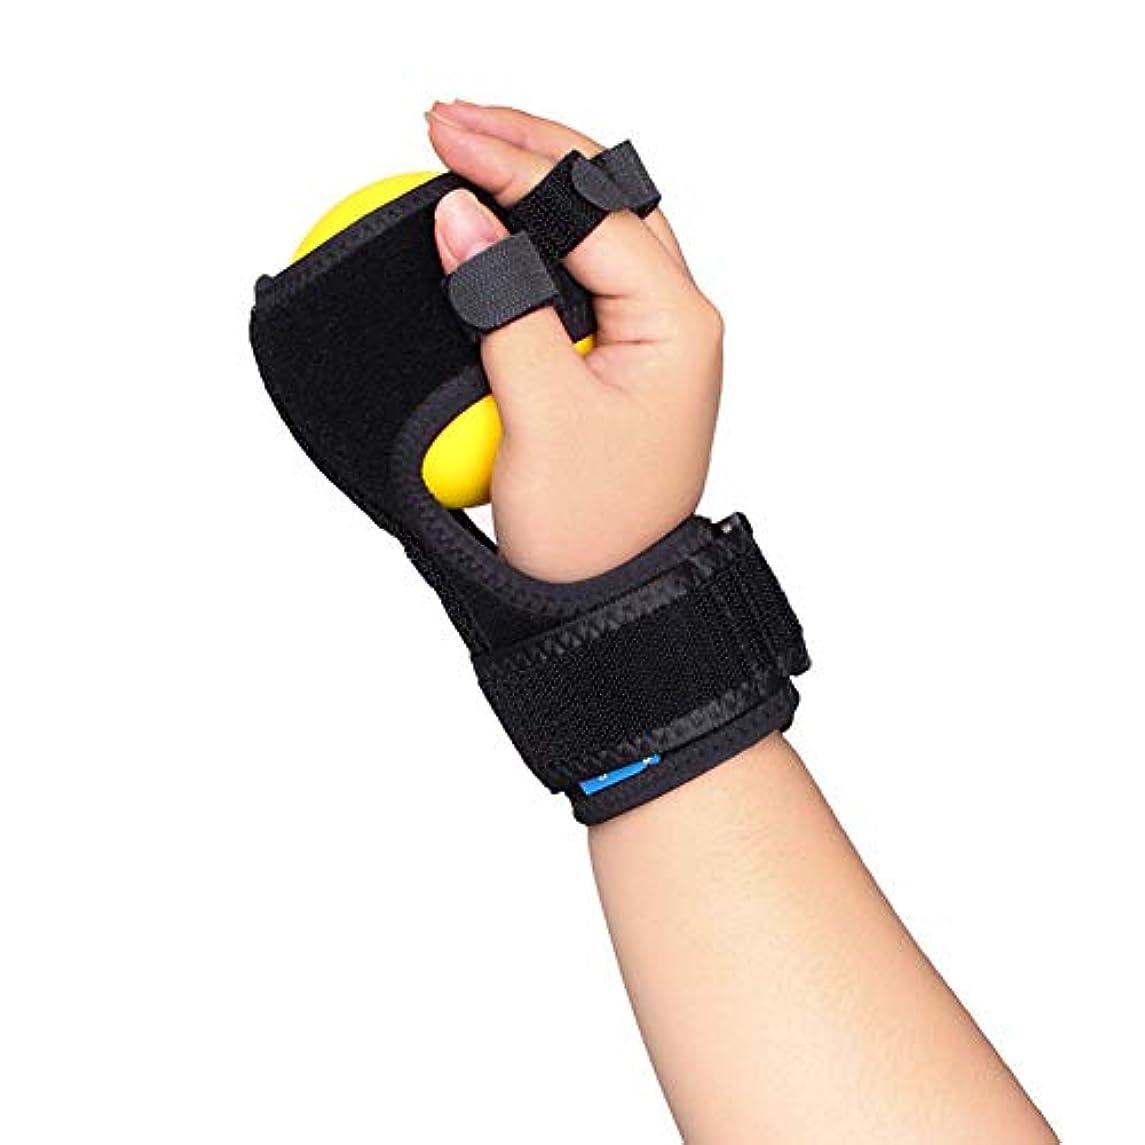 平方軽食インカ帝国脳卒中リハビリテーション関節炎手袋マレットブレーストリガー指関節炎と靭帯の痛みを軽減するブレースコレクター